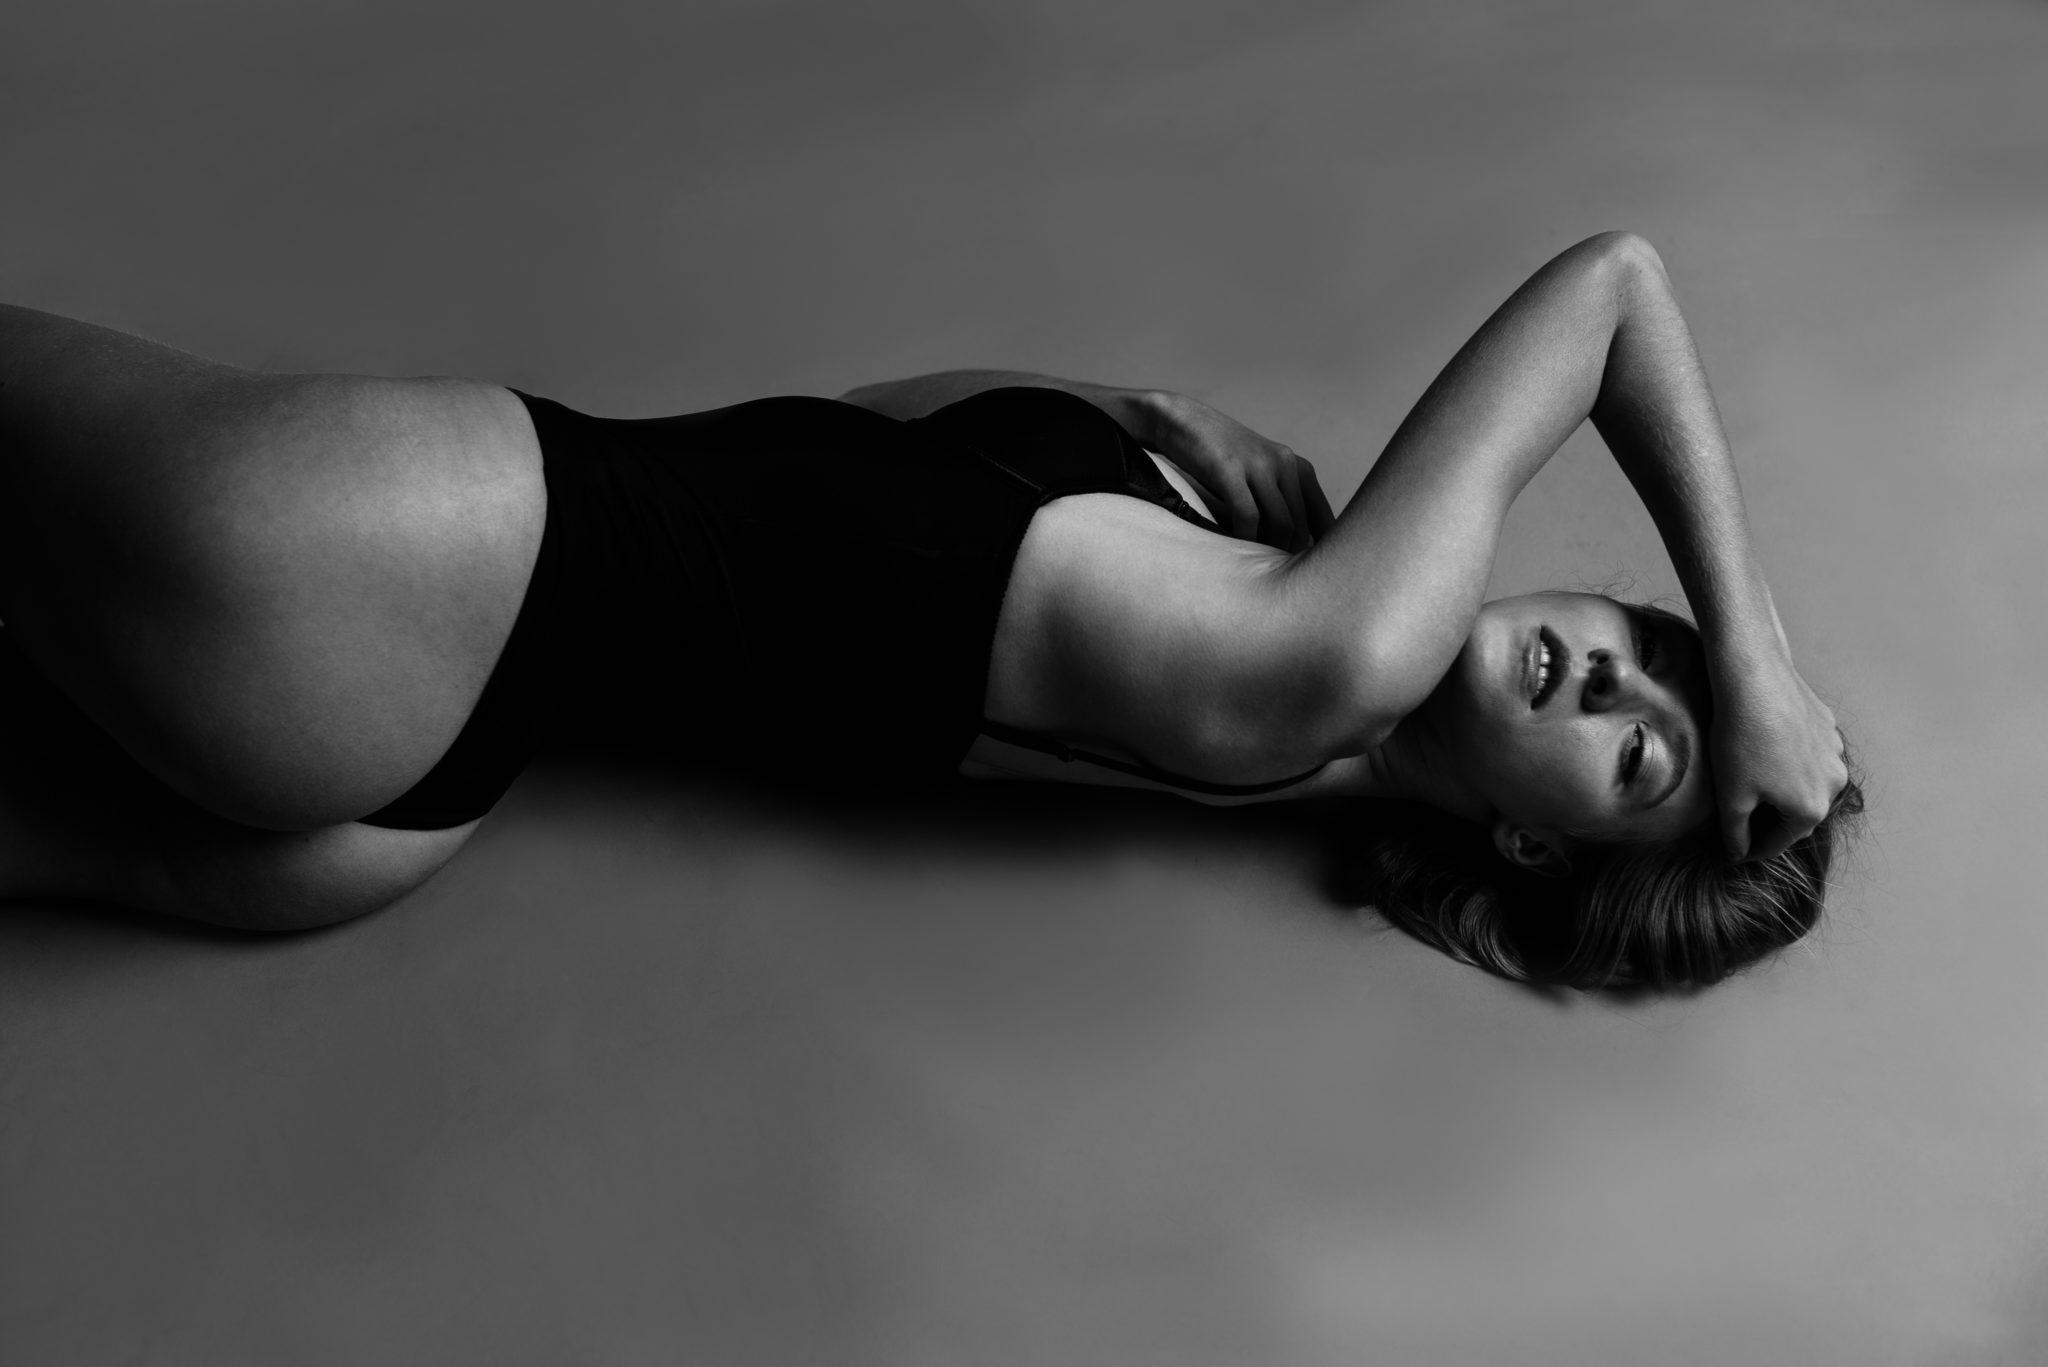 Модельные тесты, чб фото, девушка в черном купальнике лежит на белом фоне